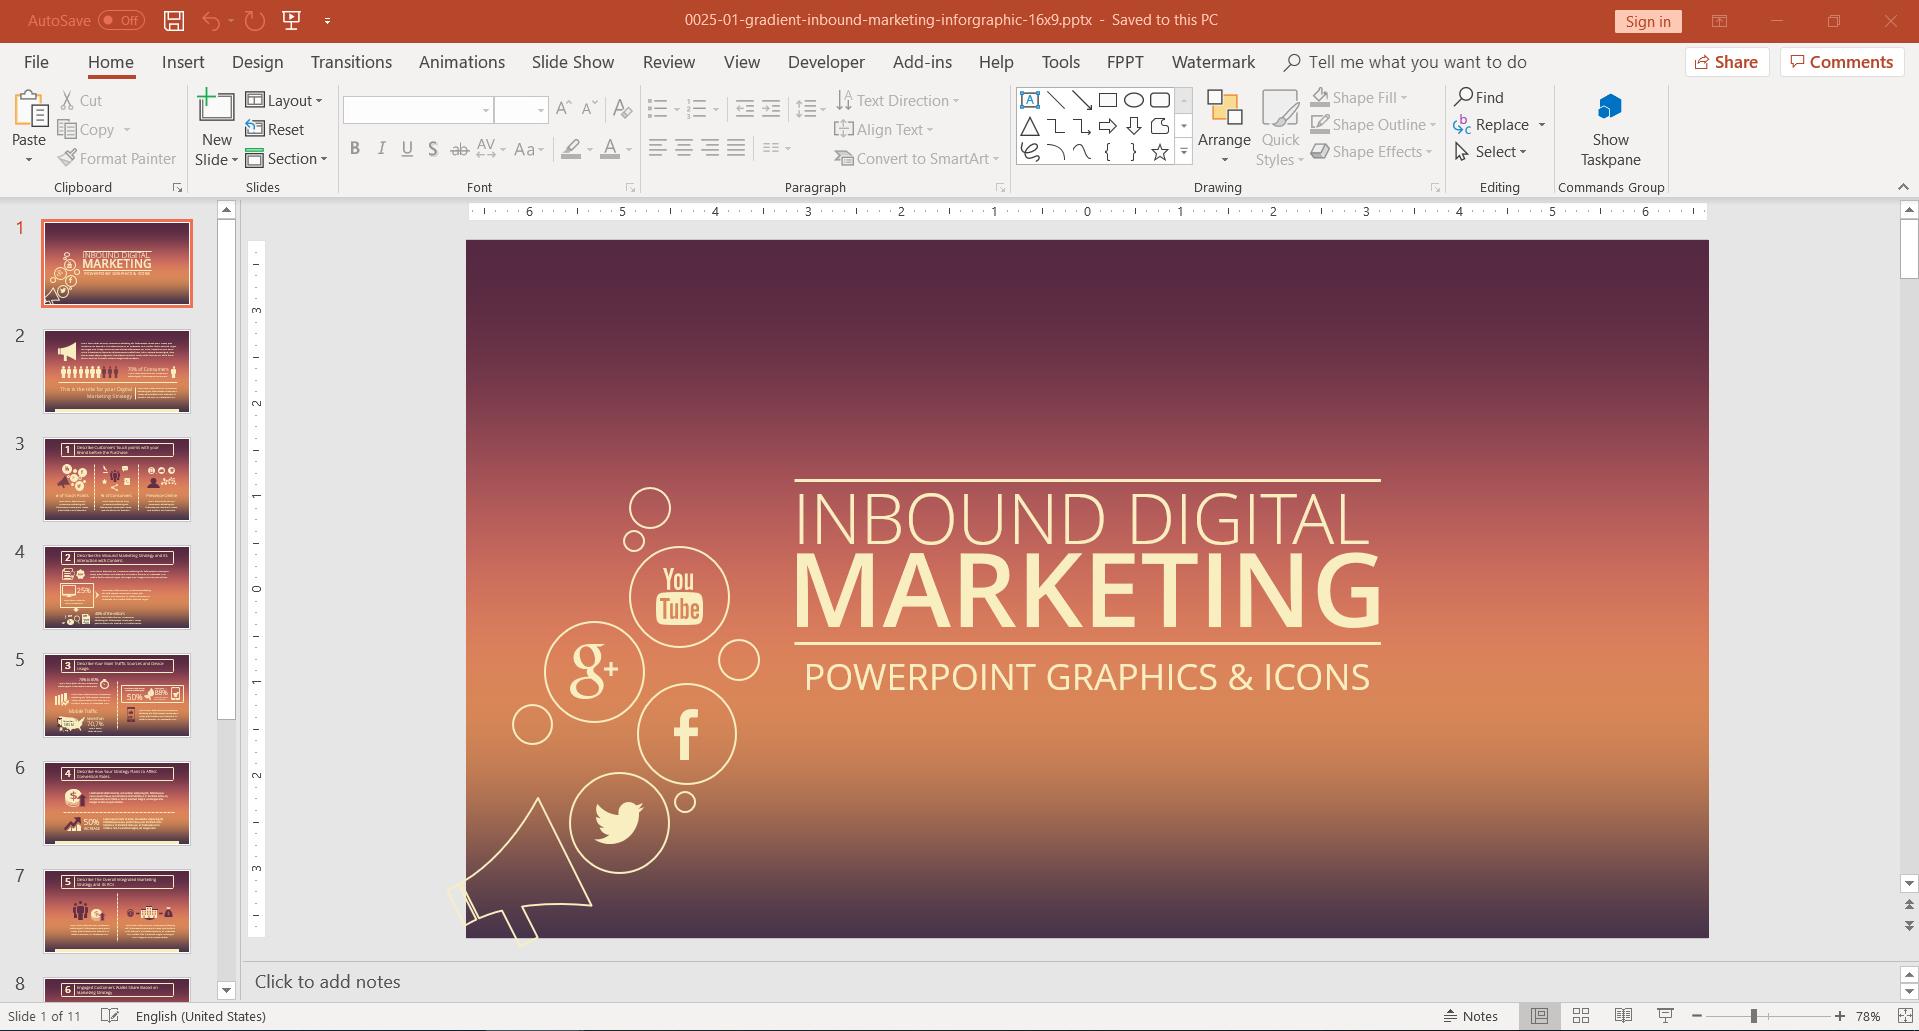 Inbound Digital Marketing PowerPoint Template